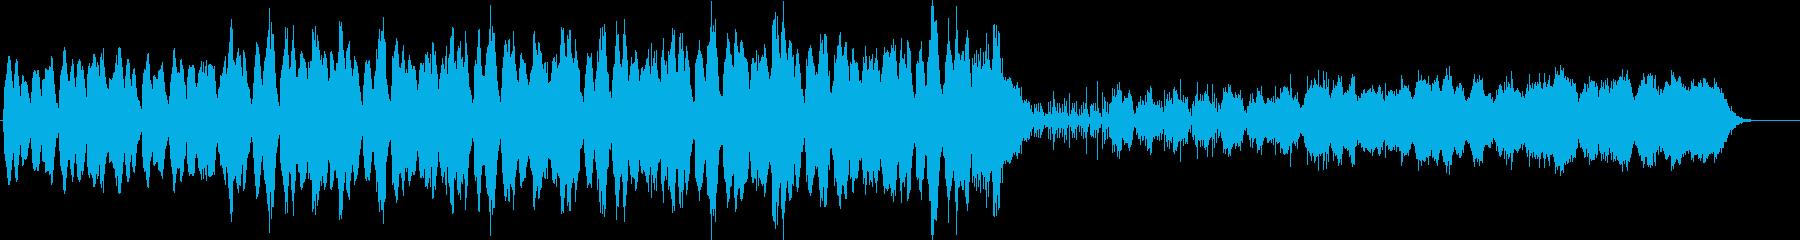 劇伴 ミステリアスなミニマルテクノの再生済みの波形